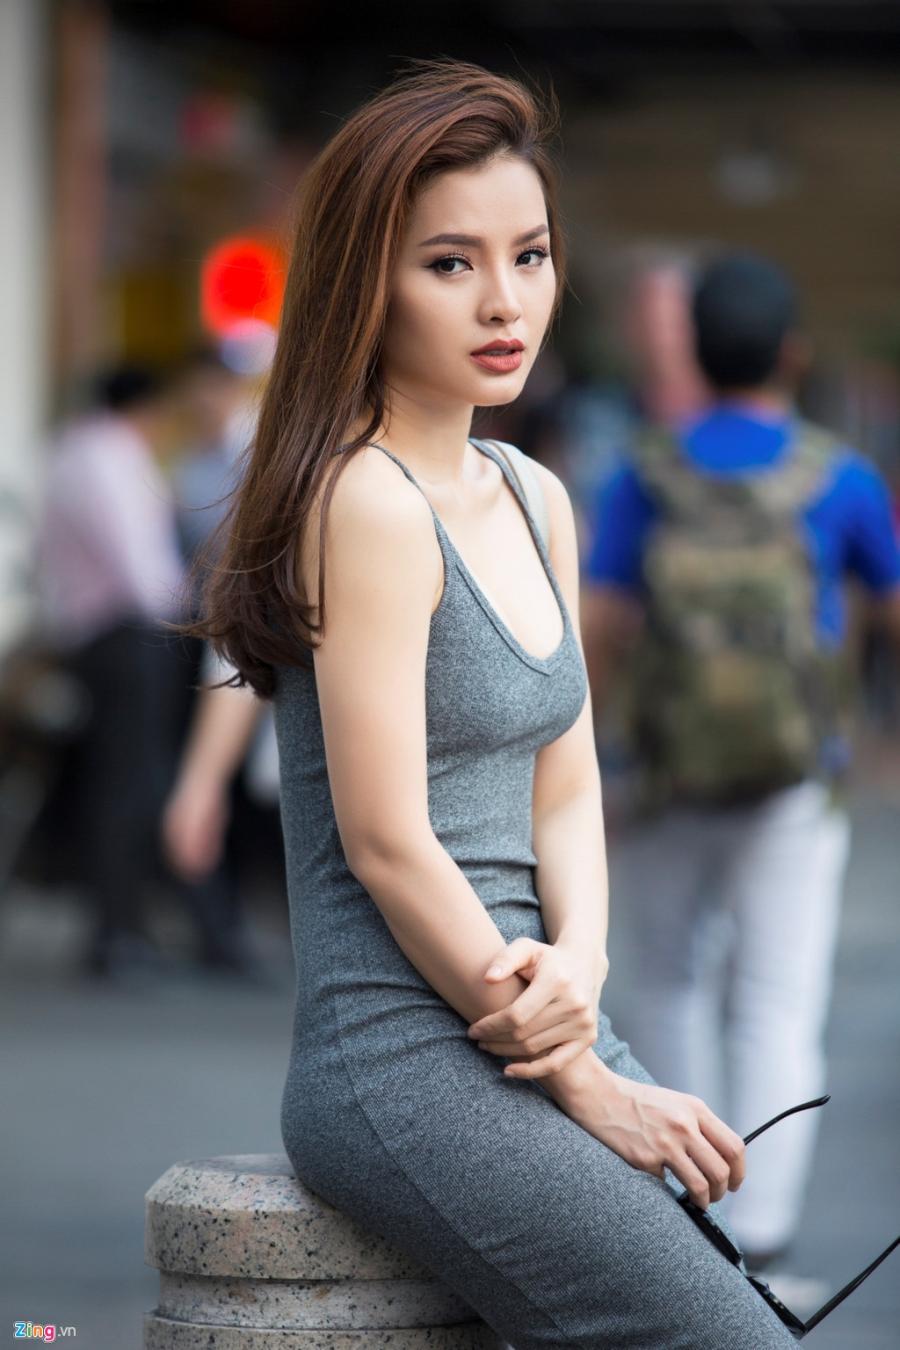 Phuong Trinh Jolie, Lan Phuong va chuyen bi ga tinh doi vai dien hinh anh 1